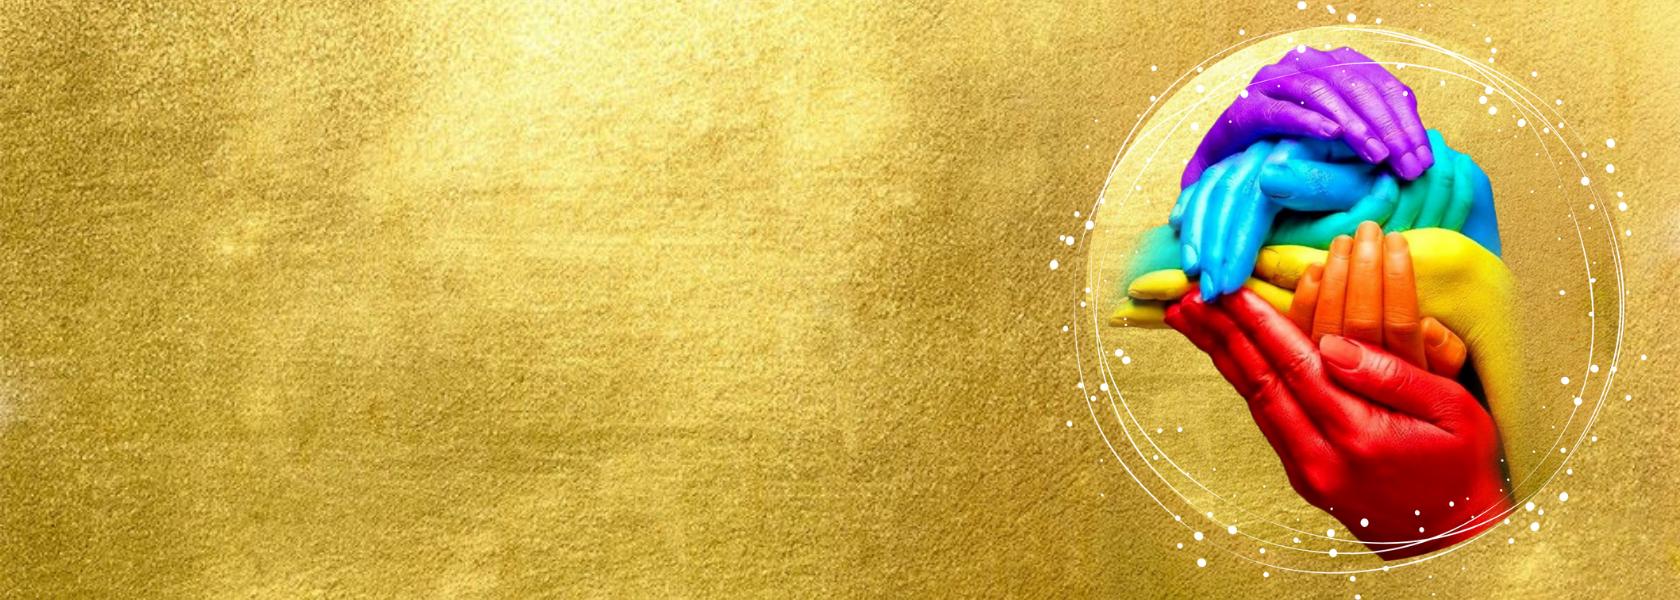 gouden achtergrond met 6 opgestapelde handen in de kleuren rood, oranje, geel, groen, blauw en paars